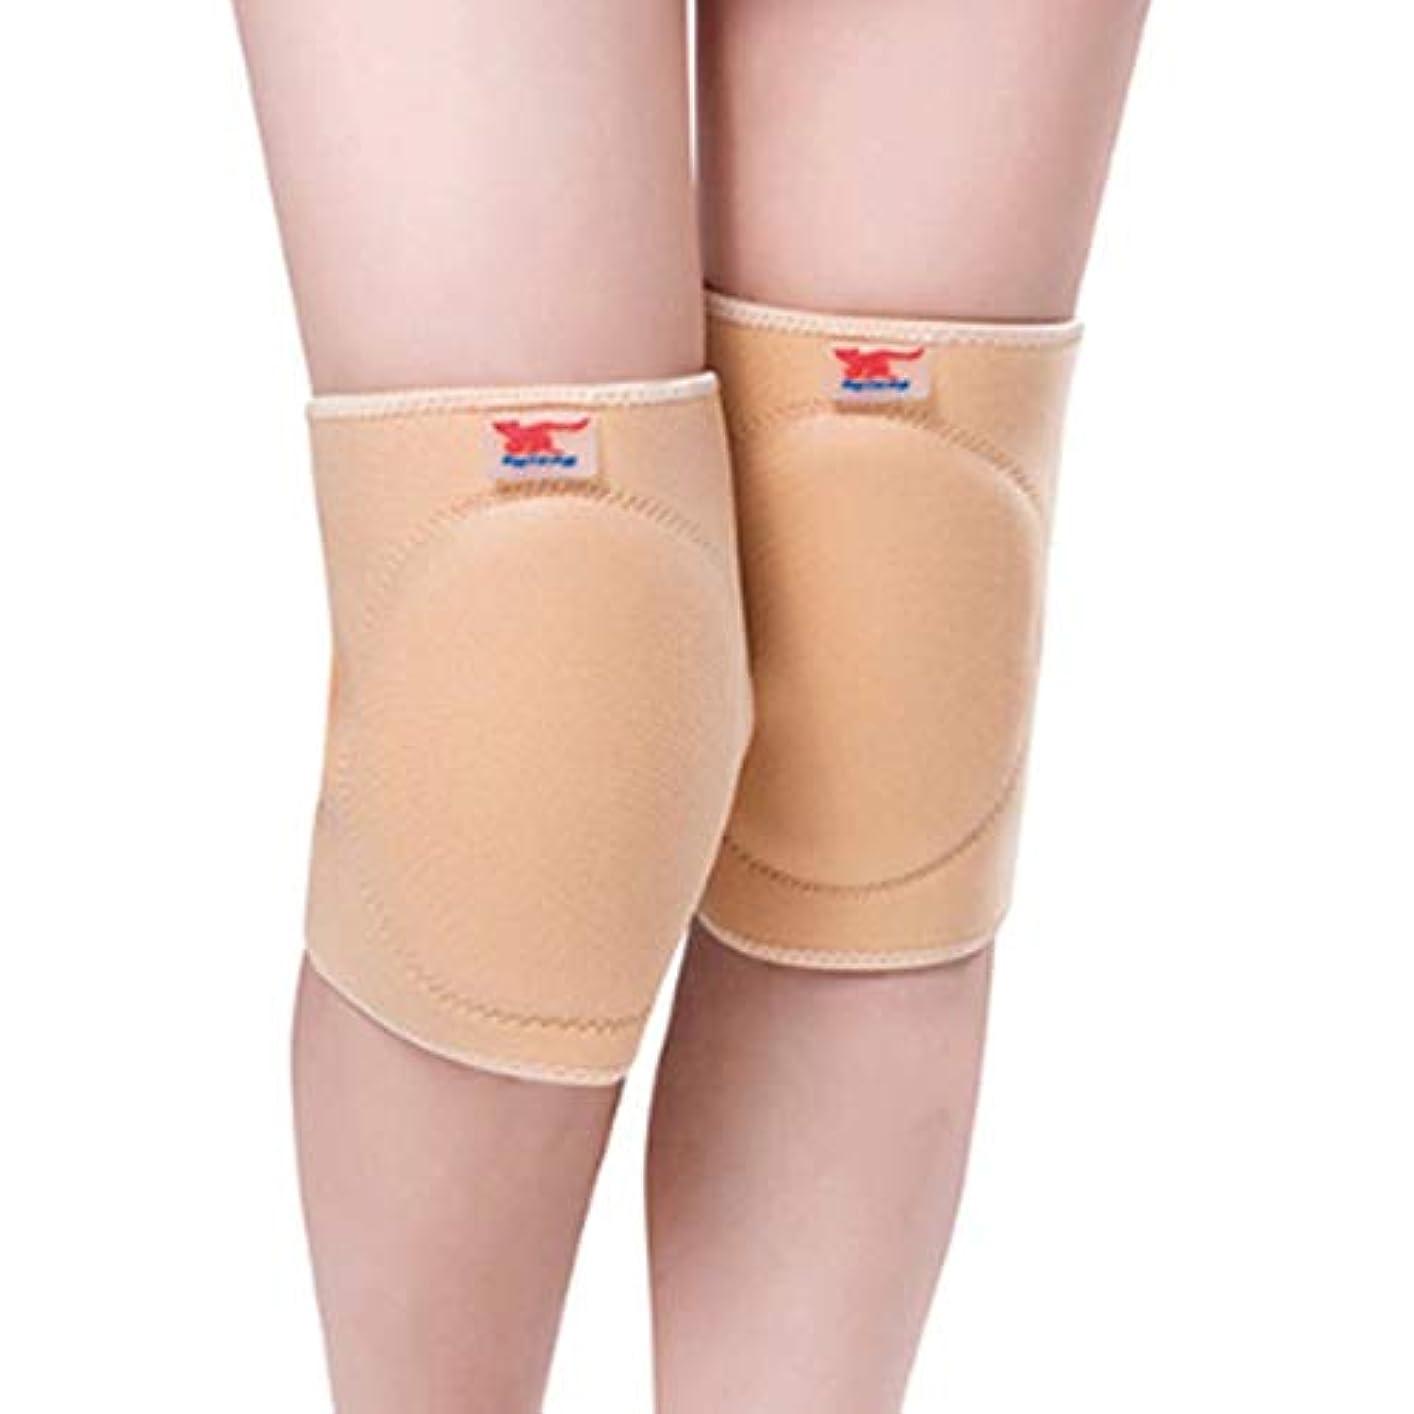 遠いとんでもない花瓶反膝パッドウール防止関節炎保温暖かい膝サポート通気性肥厚膝パッド安全膝ブレース